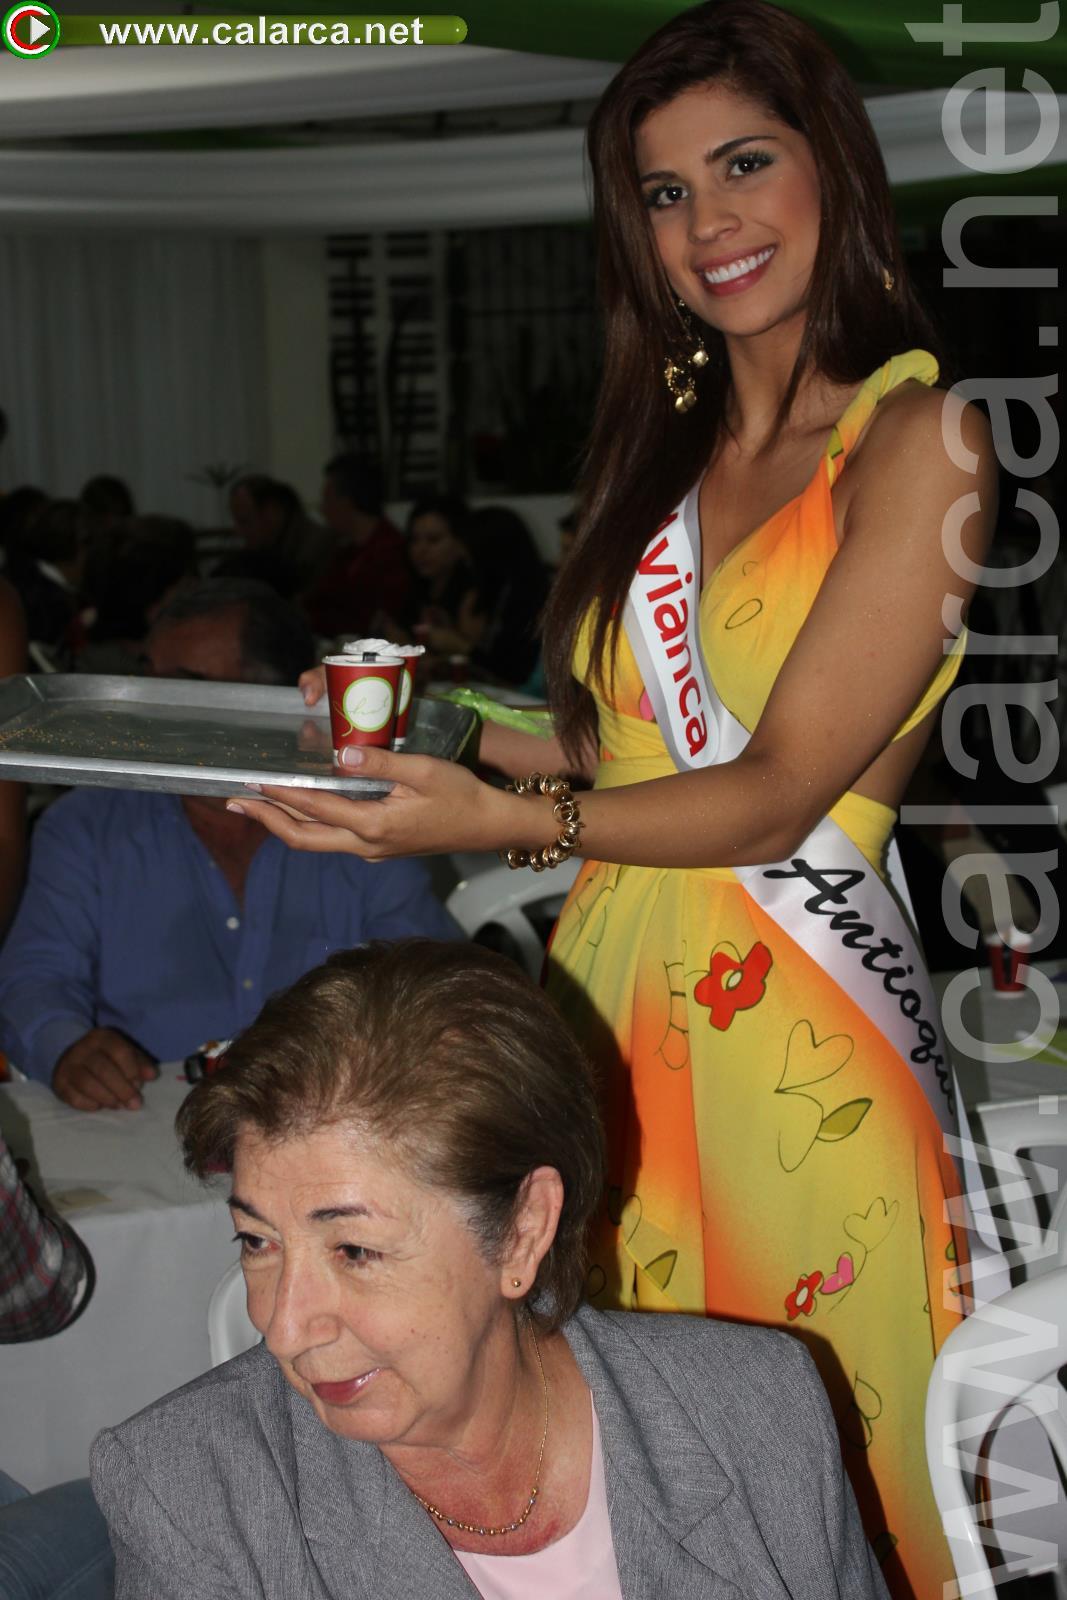 Antioquia - Laura Yessenia Arboleda Campuzano